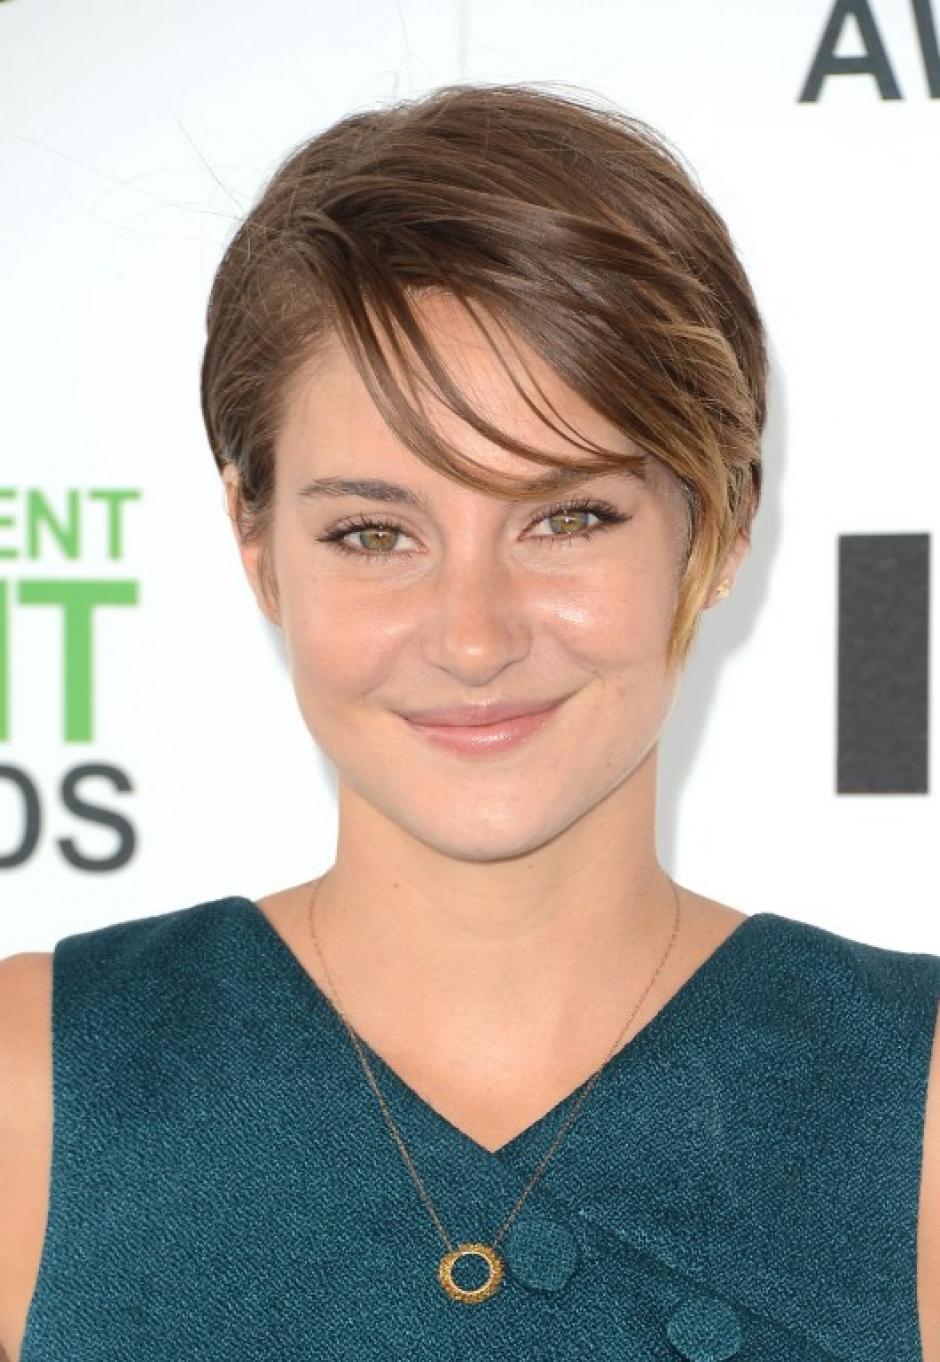 """Shailene Woodley de 22 años fue nominada a la categoría """"Mejor actriz"""". Un estilo y accesorios muy acordes a su edad. (Foto: AFP)"""